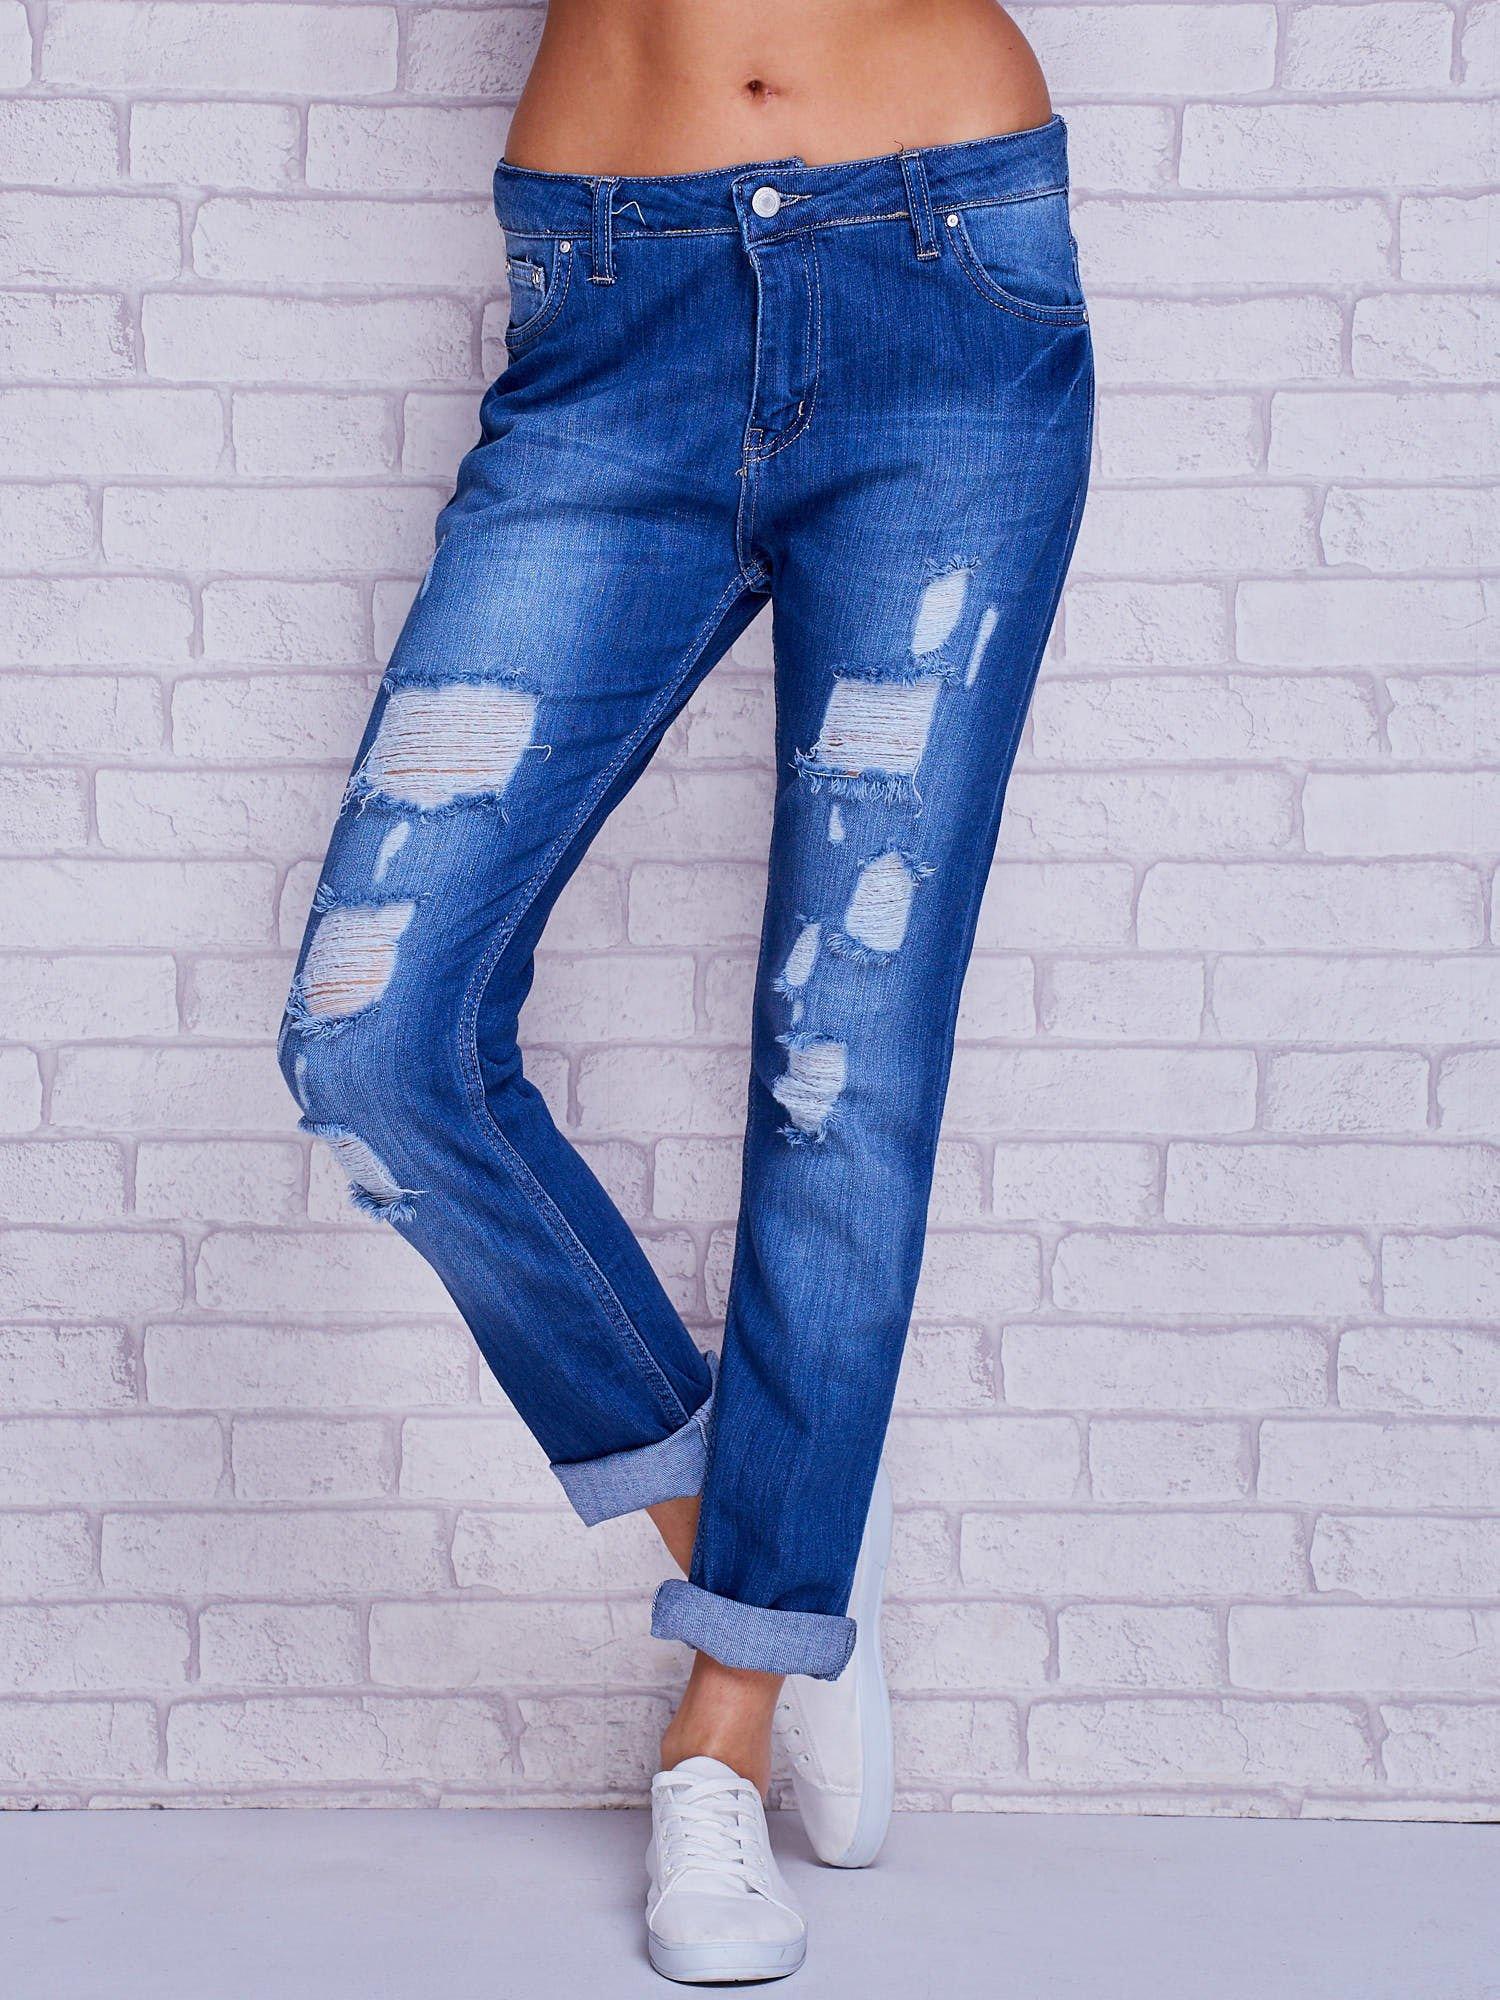 9650d2dc4a74 Spodnie jeansowe boyfriend z dziurami niebieskie - Spodnie jeansowe ...